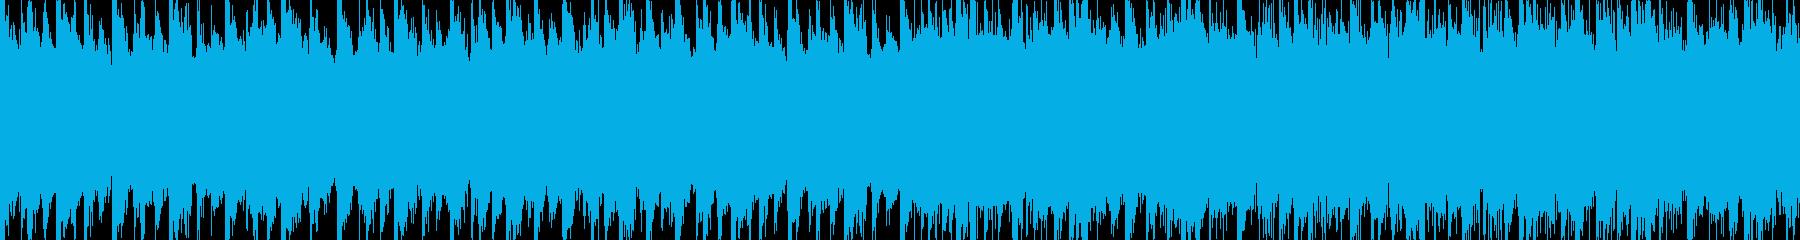 青空や天空を想像するダイナミックBGMの再生済みの波形